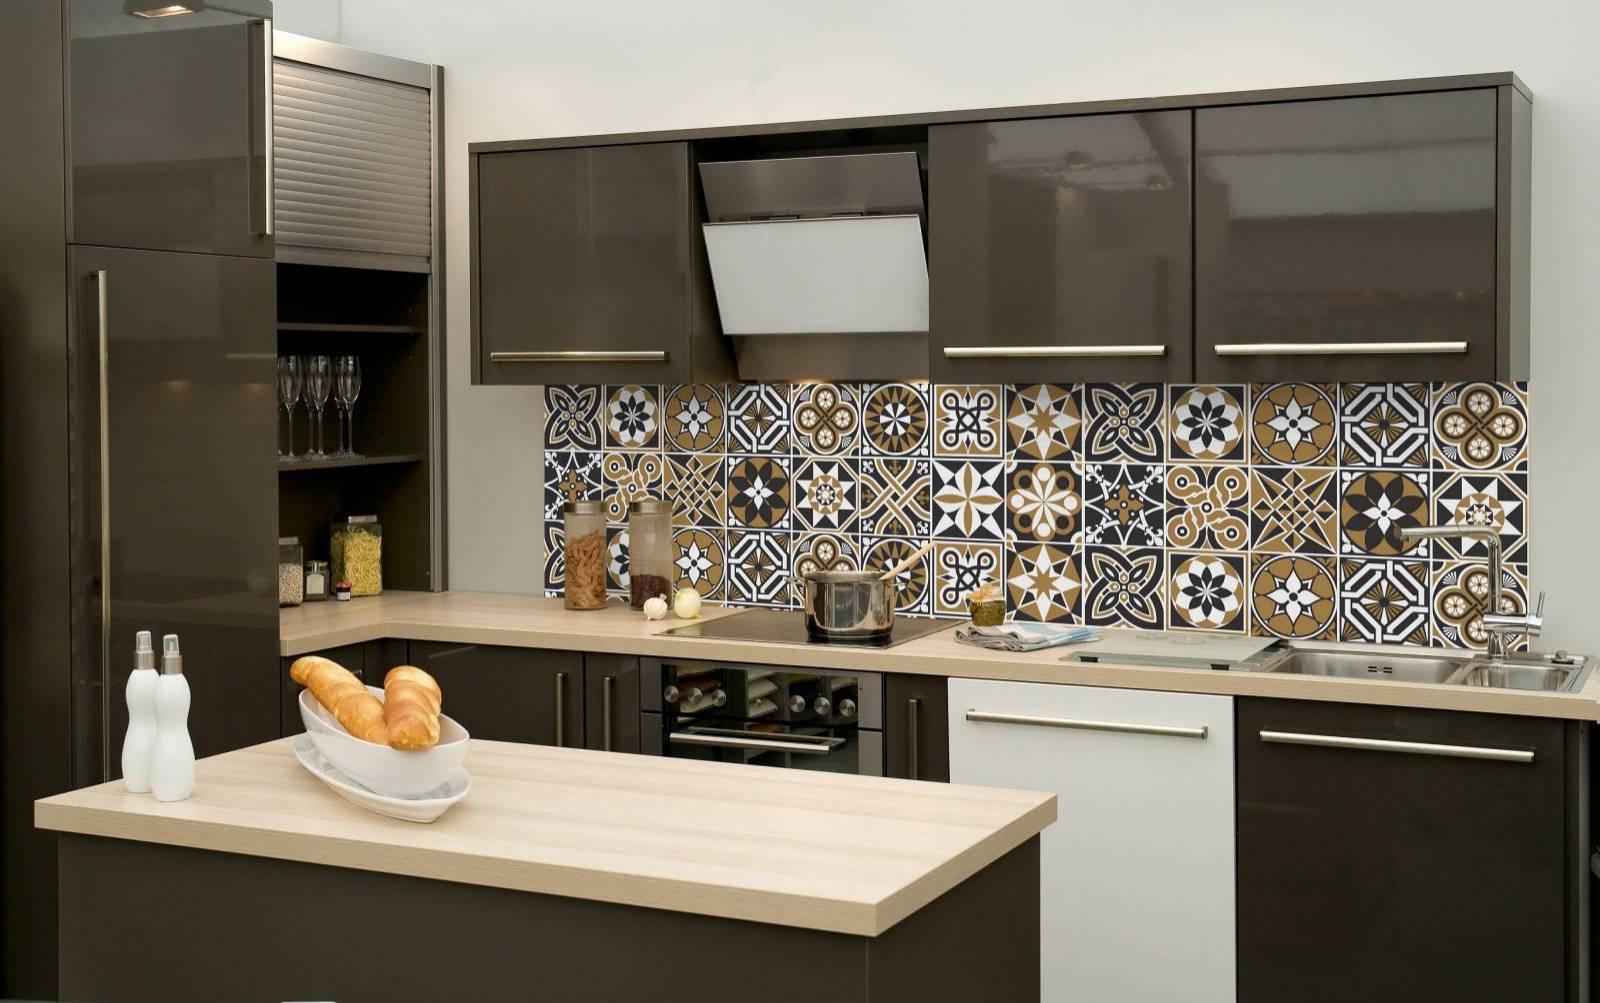 Adesivo para Azulejo Preto Marrom Redecorei #9F6E2C 1600x1003 Banheiro Azulejo Decorado